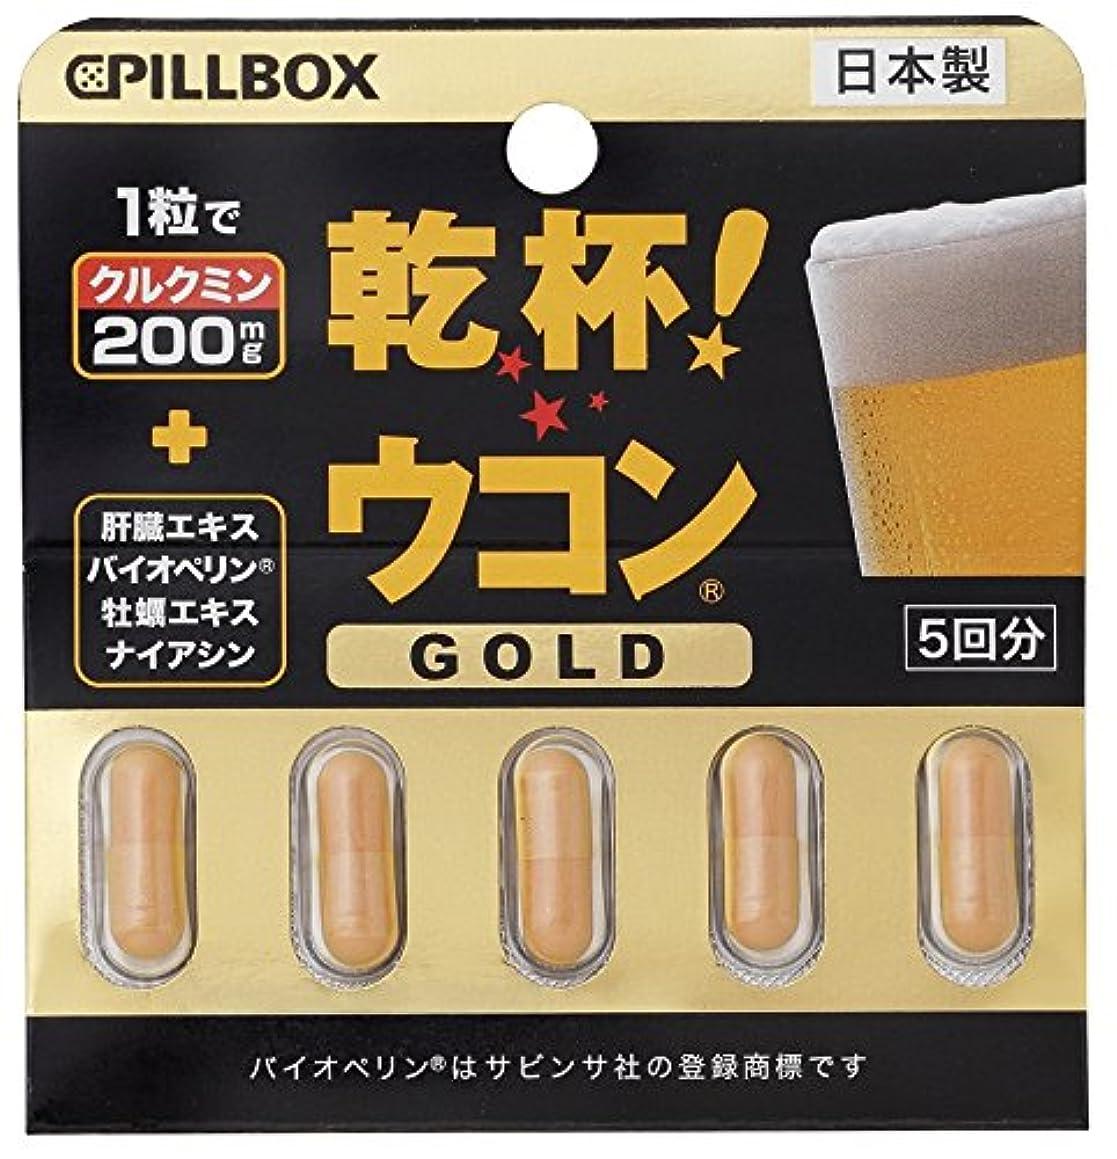 醸造所対象アッティカスピルボックスジャパン 乾杯ウコン ゴールド 1.9g(5回分) サプリメント